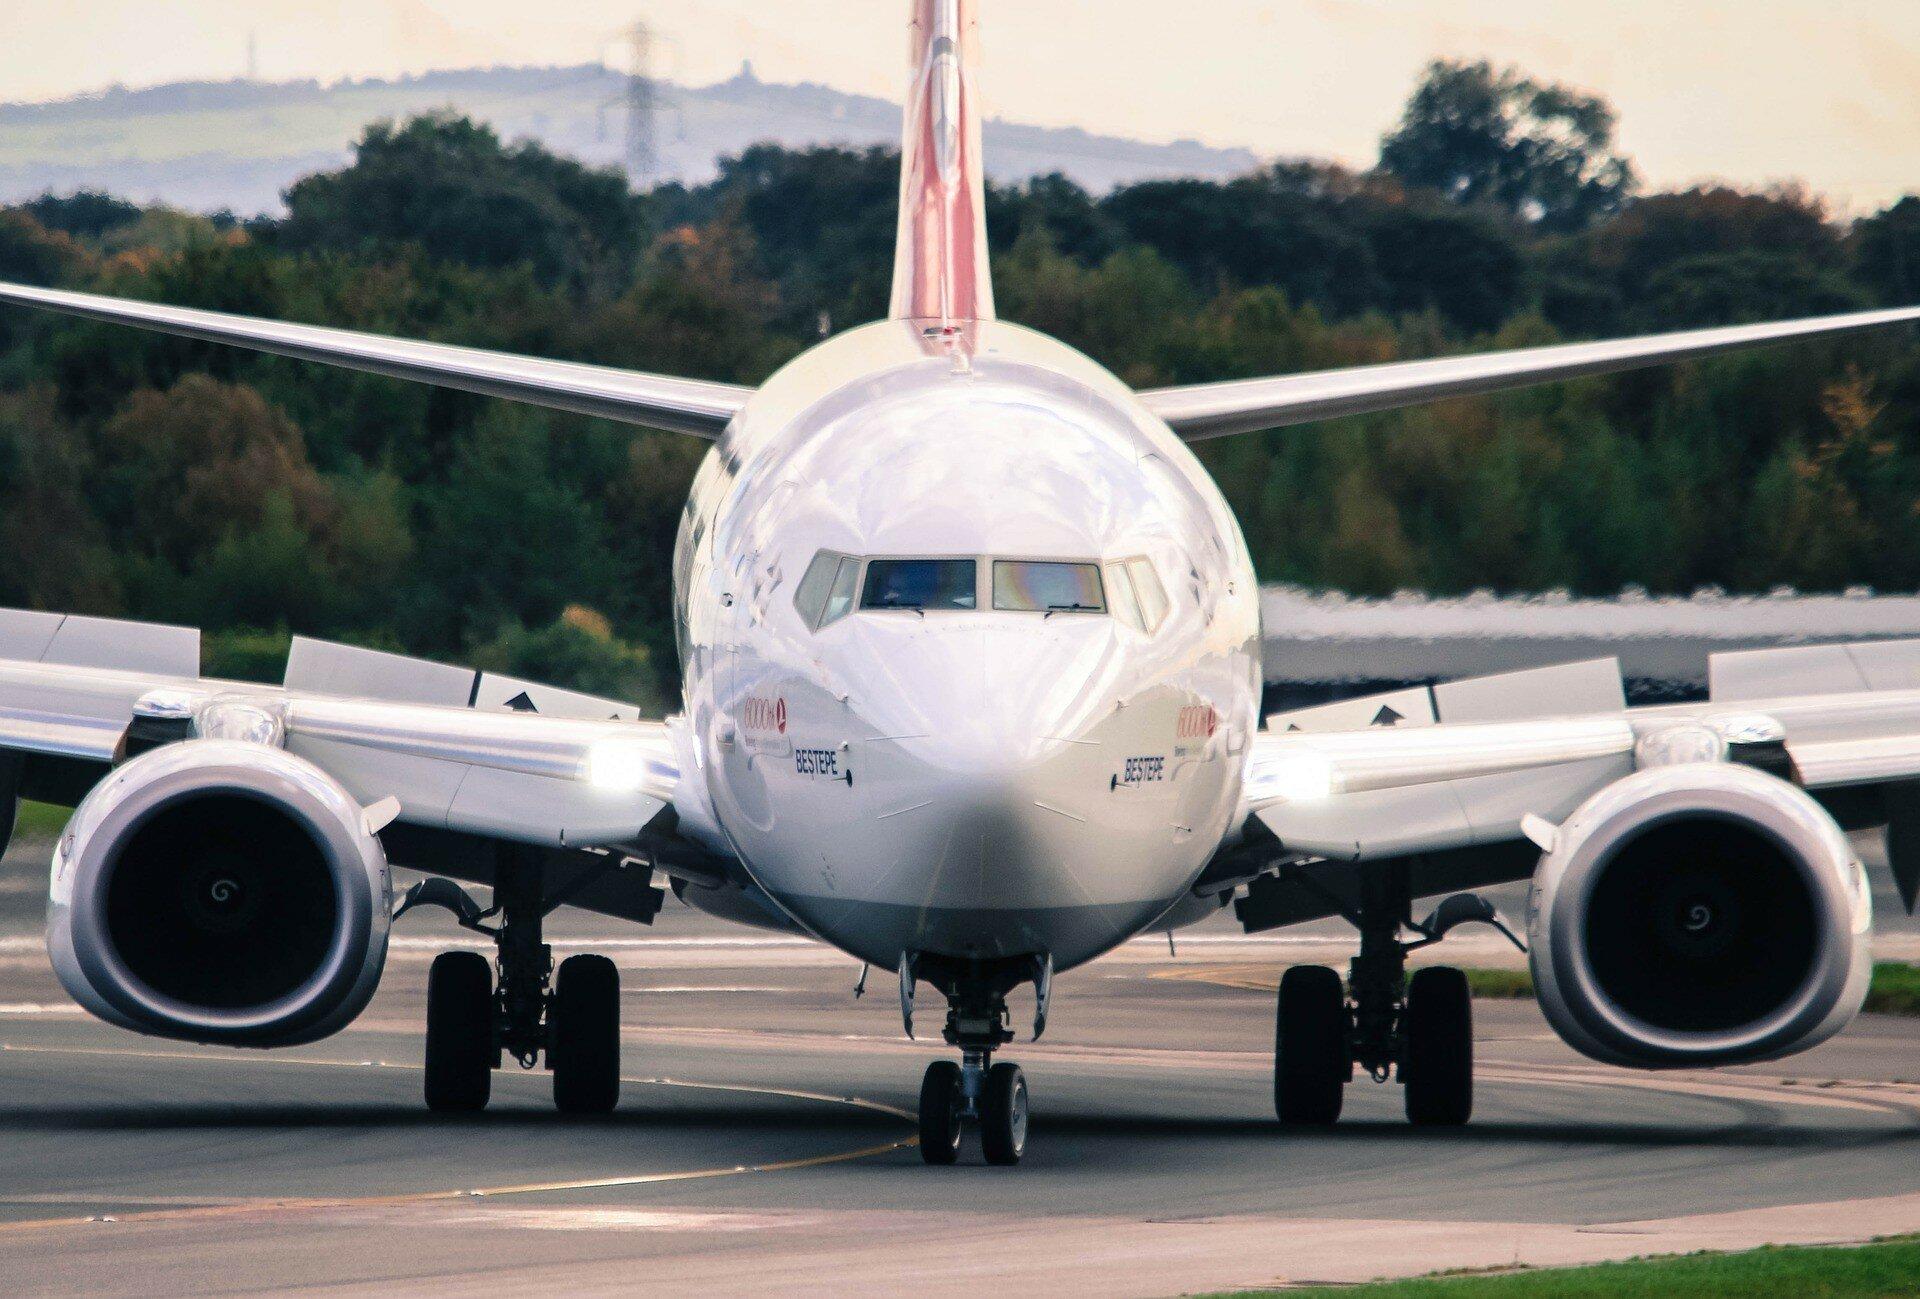 Предприятие, входящее в Укроборонпром, застраховало самолеты на €4,5 млн